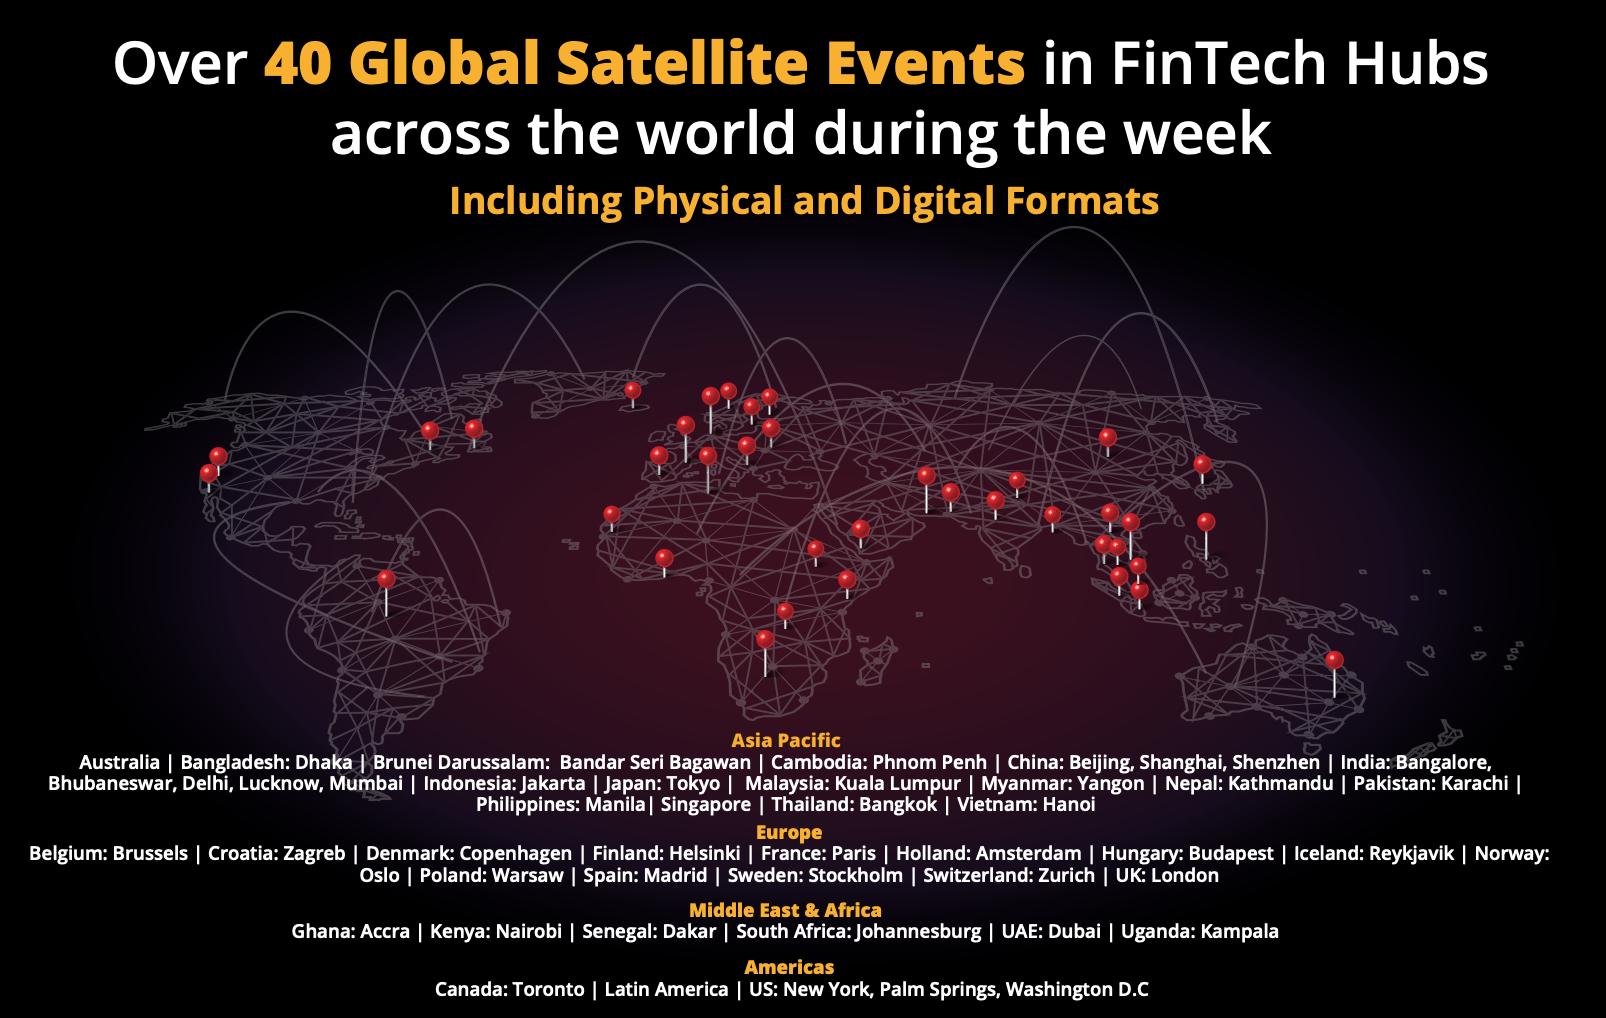 SFF 2020 satellite events, via Fintechfestival.sg